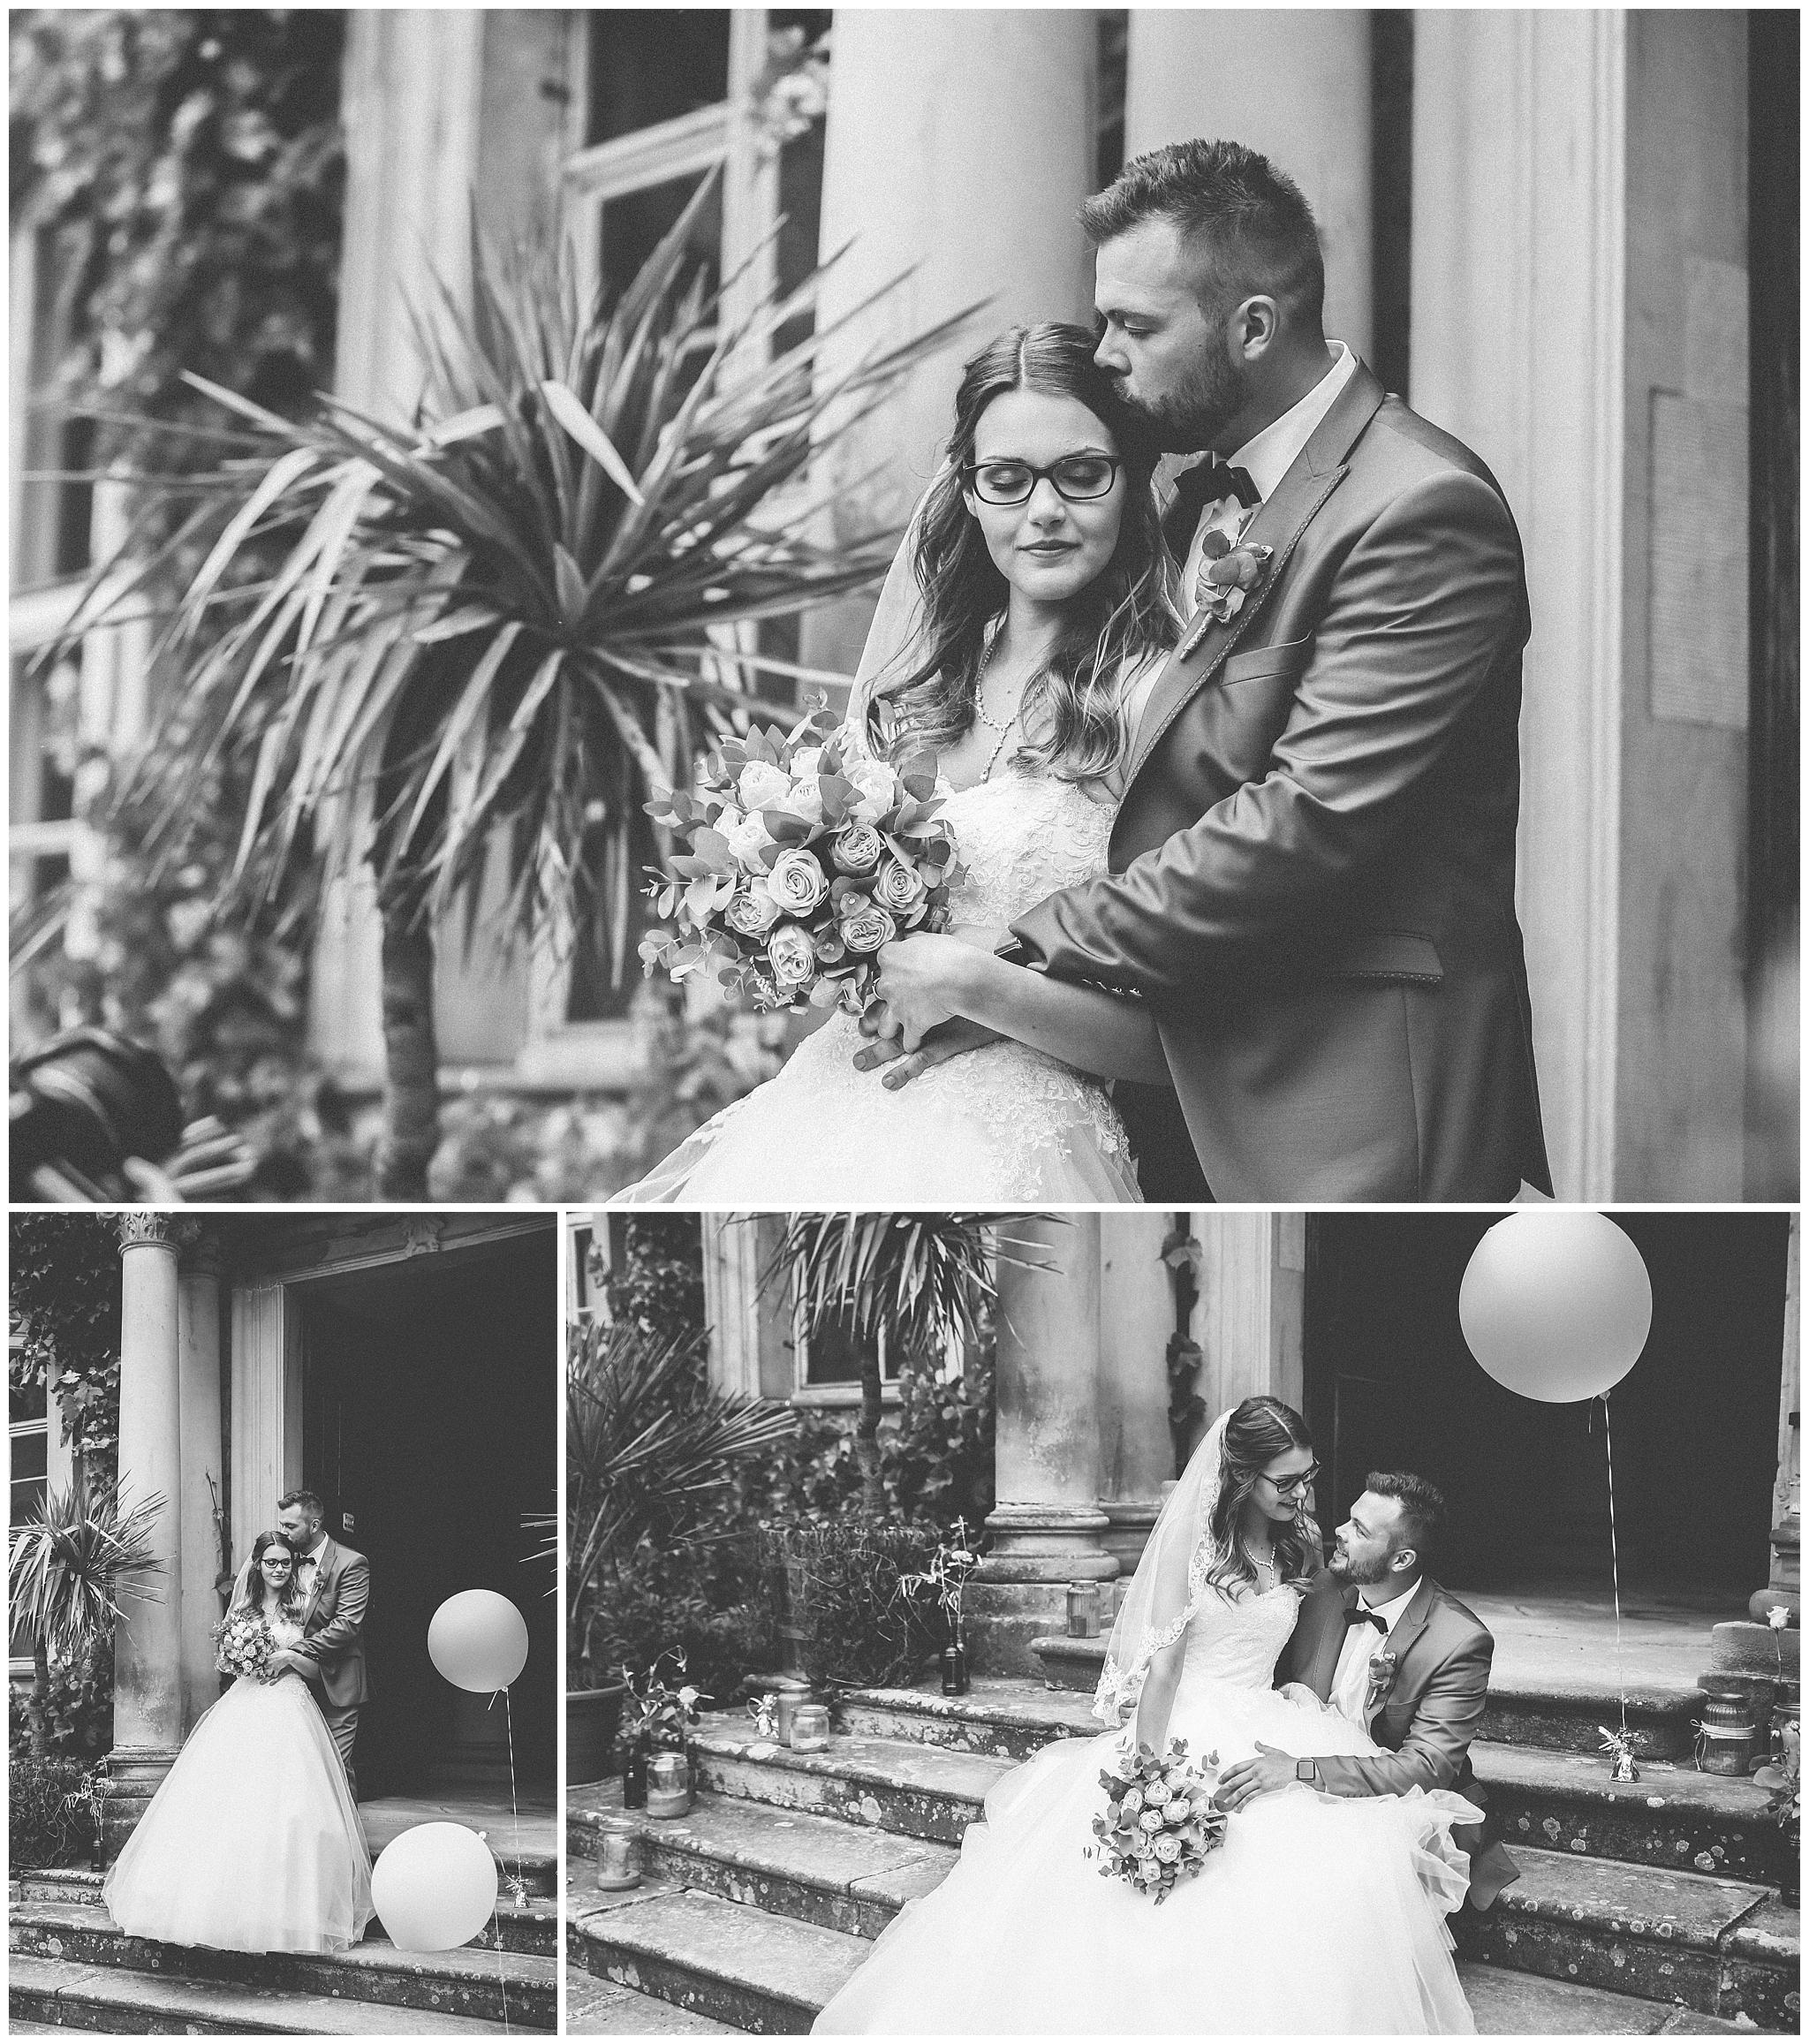 Hochzeit_Menninger_dieLICHTBUILDER_64.jpg